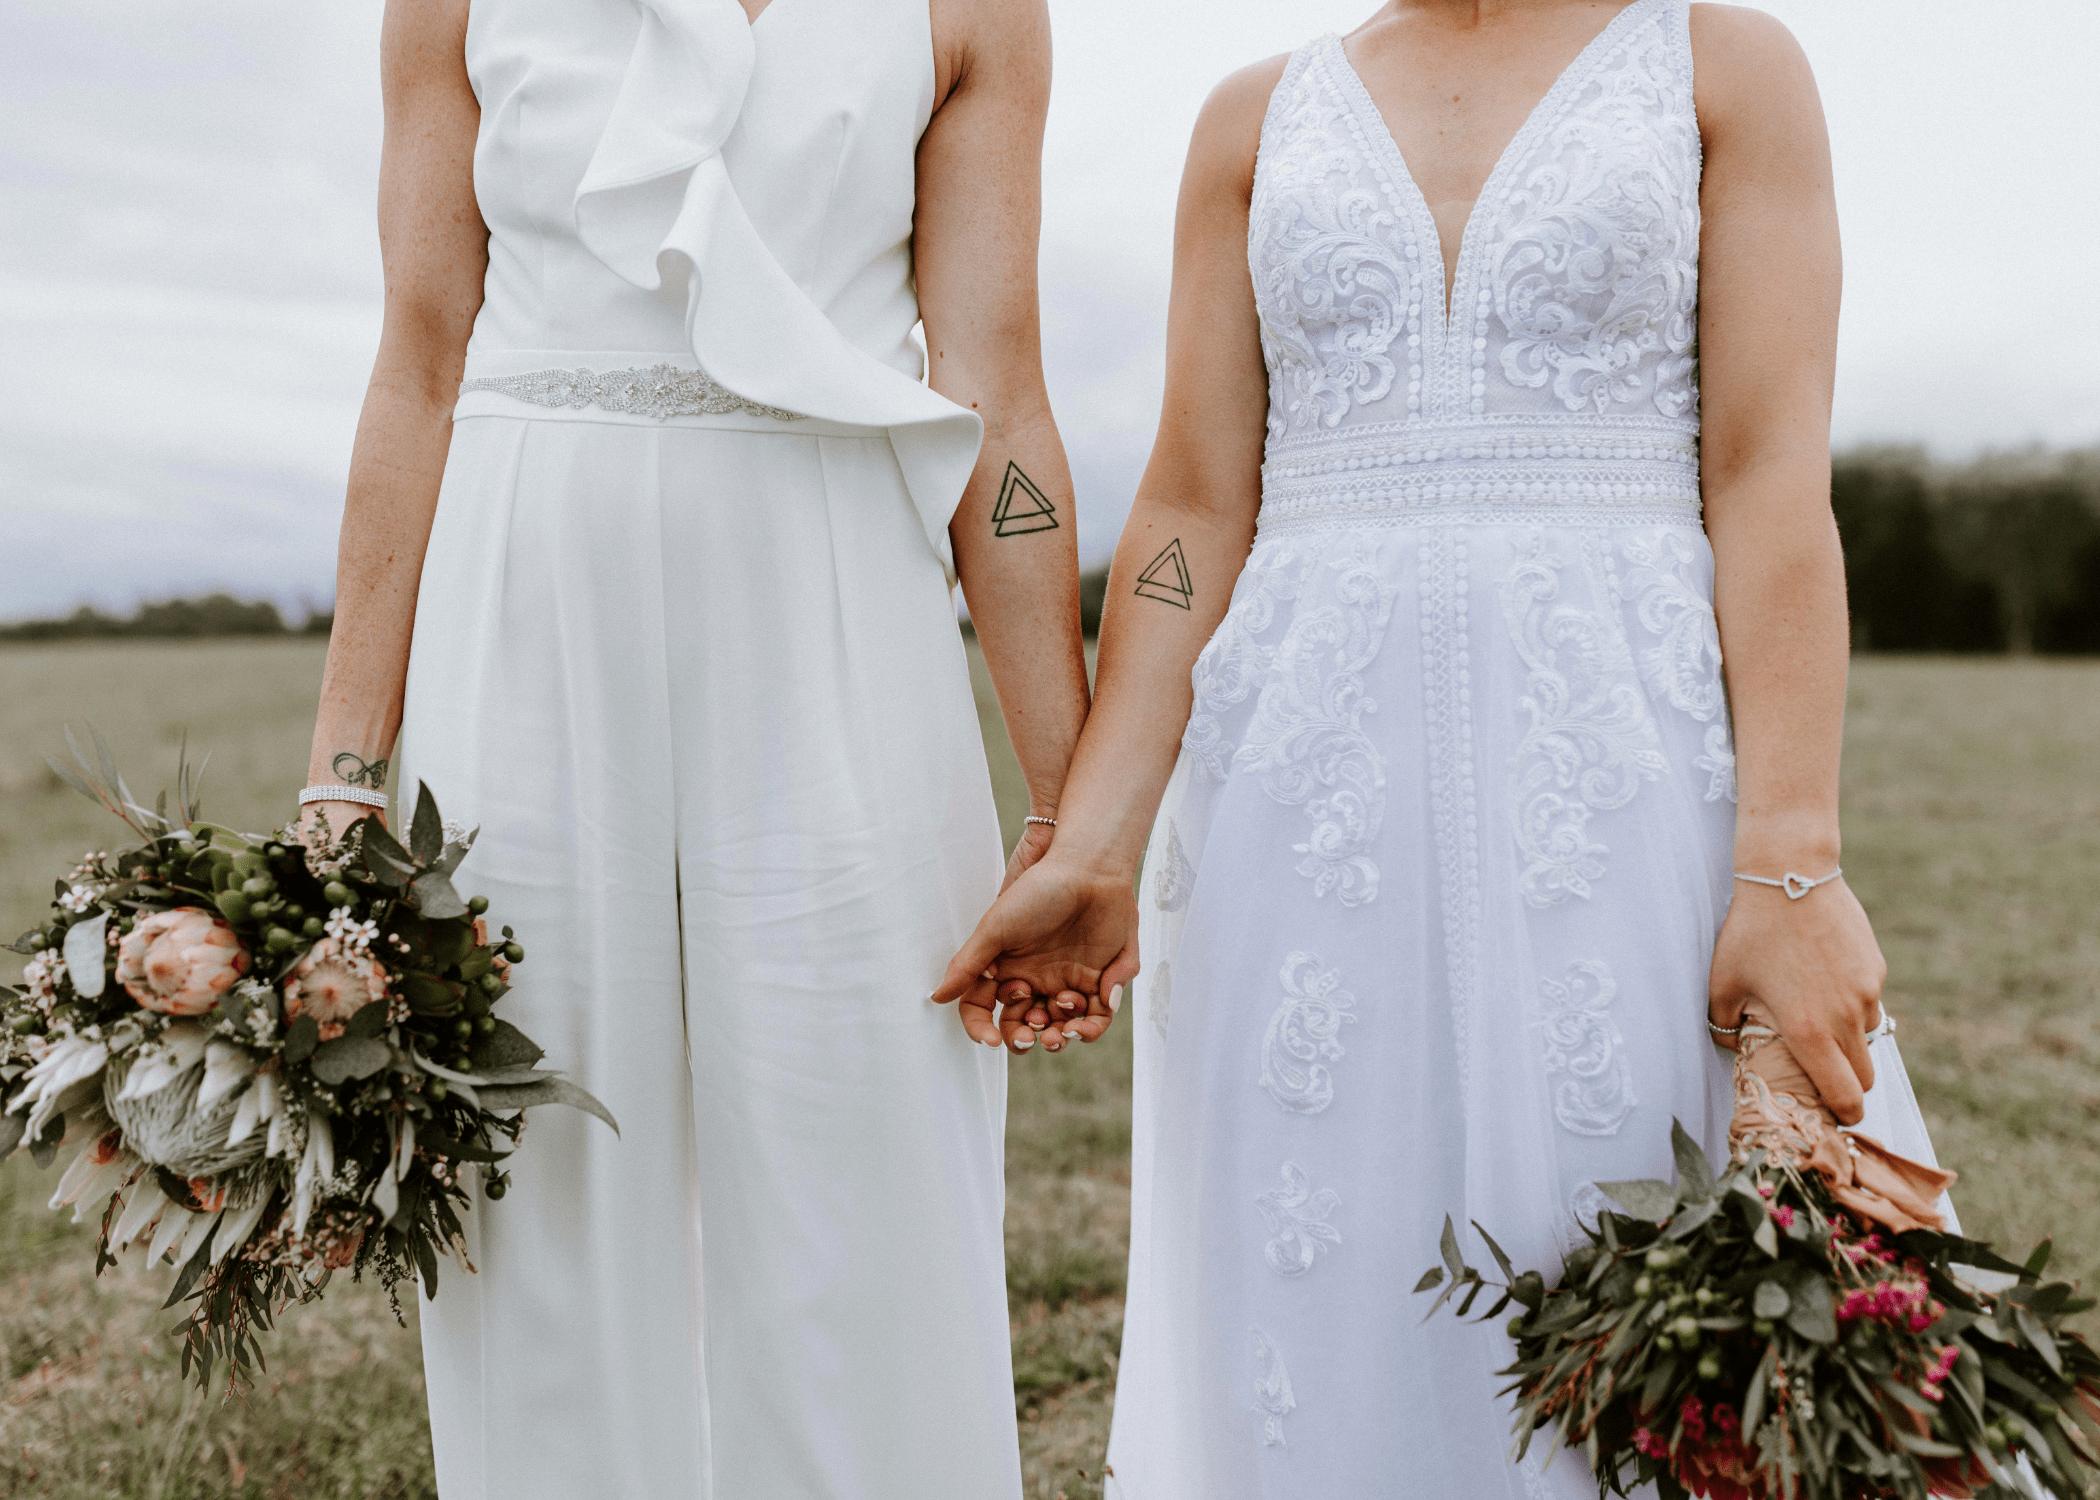 lauren teys marriage celebrant – 90